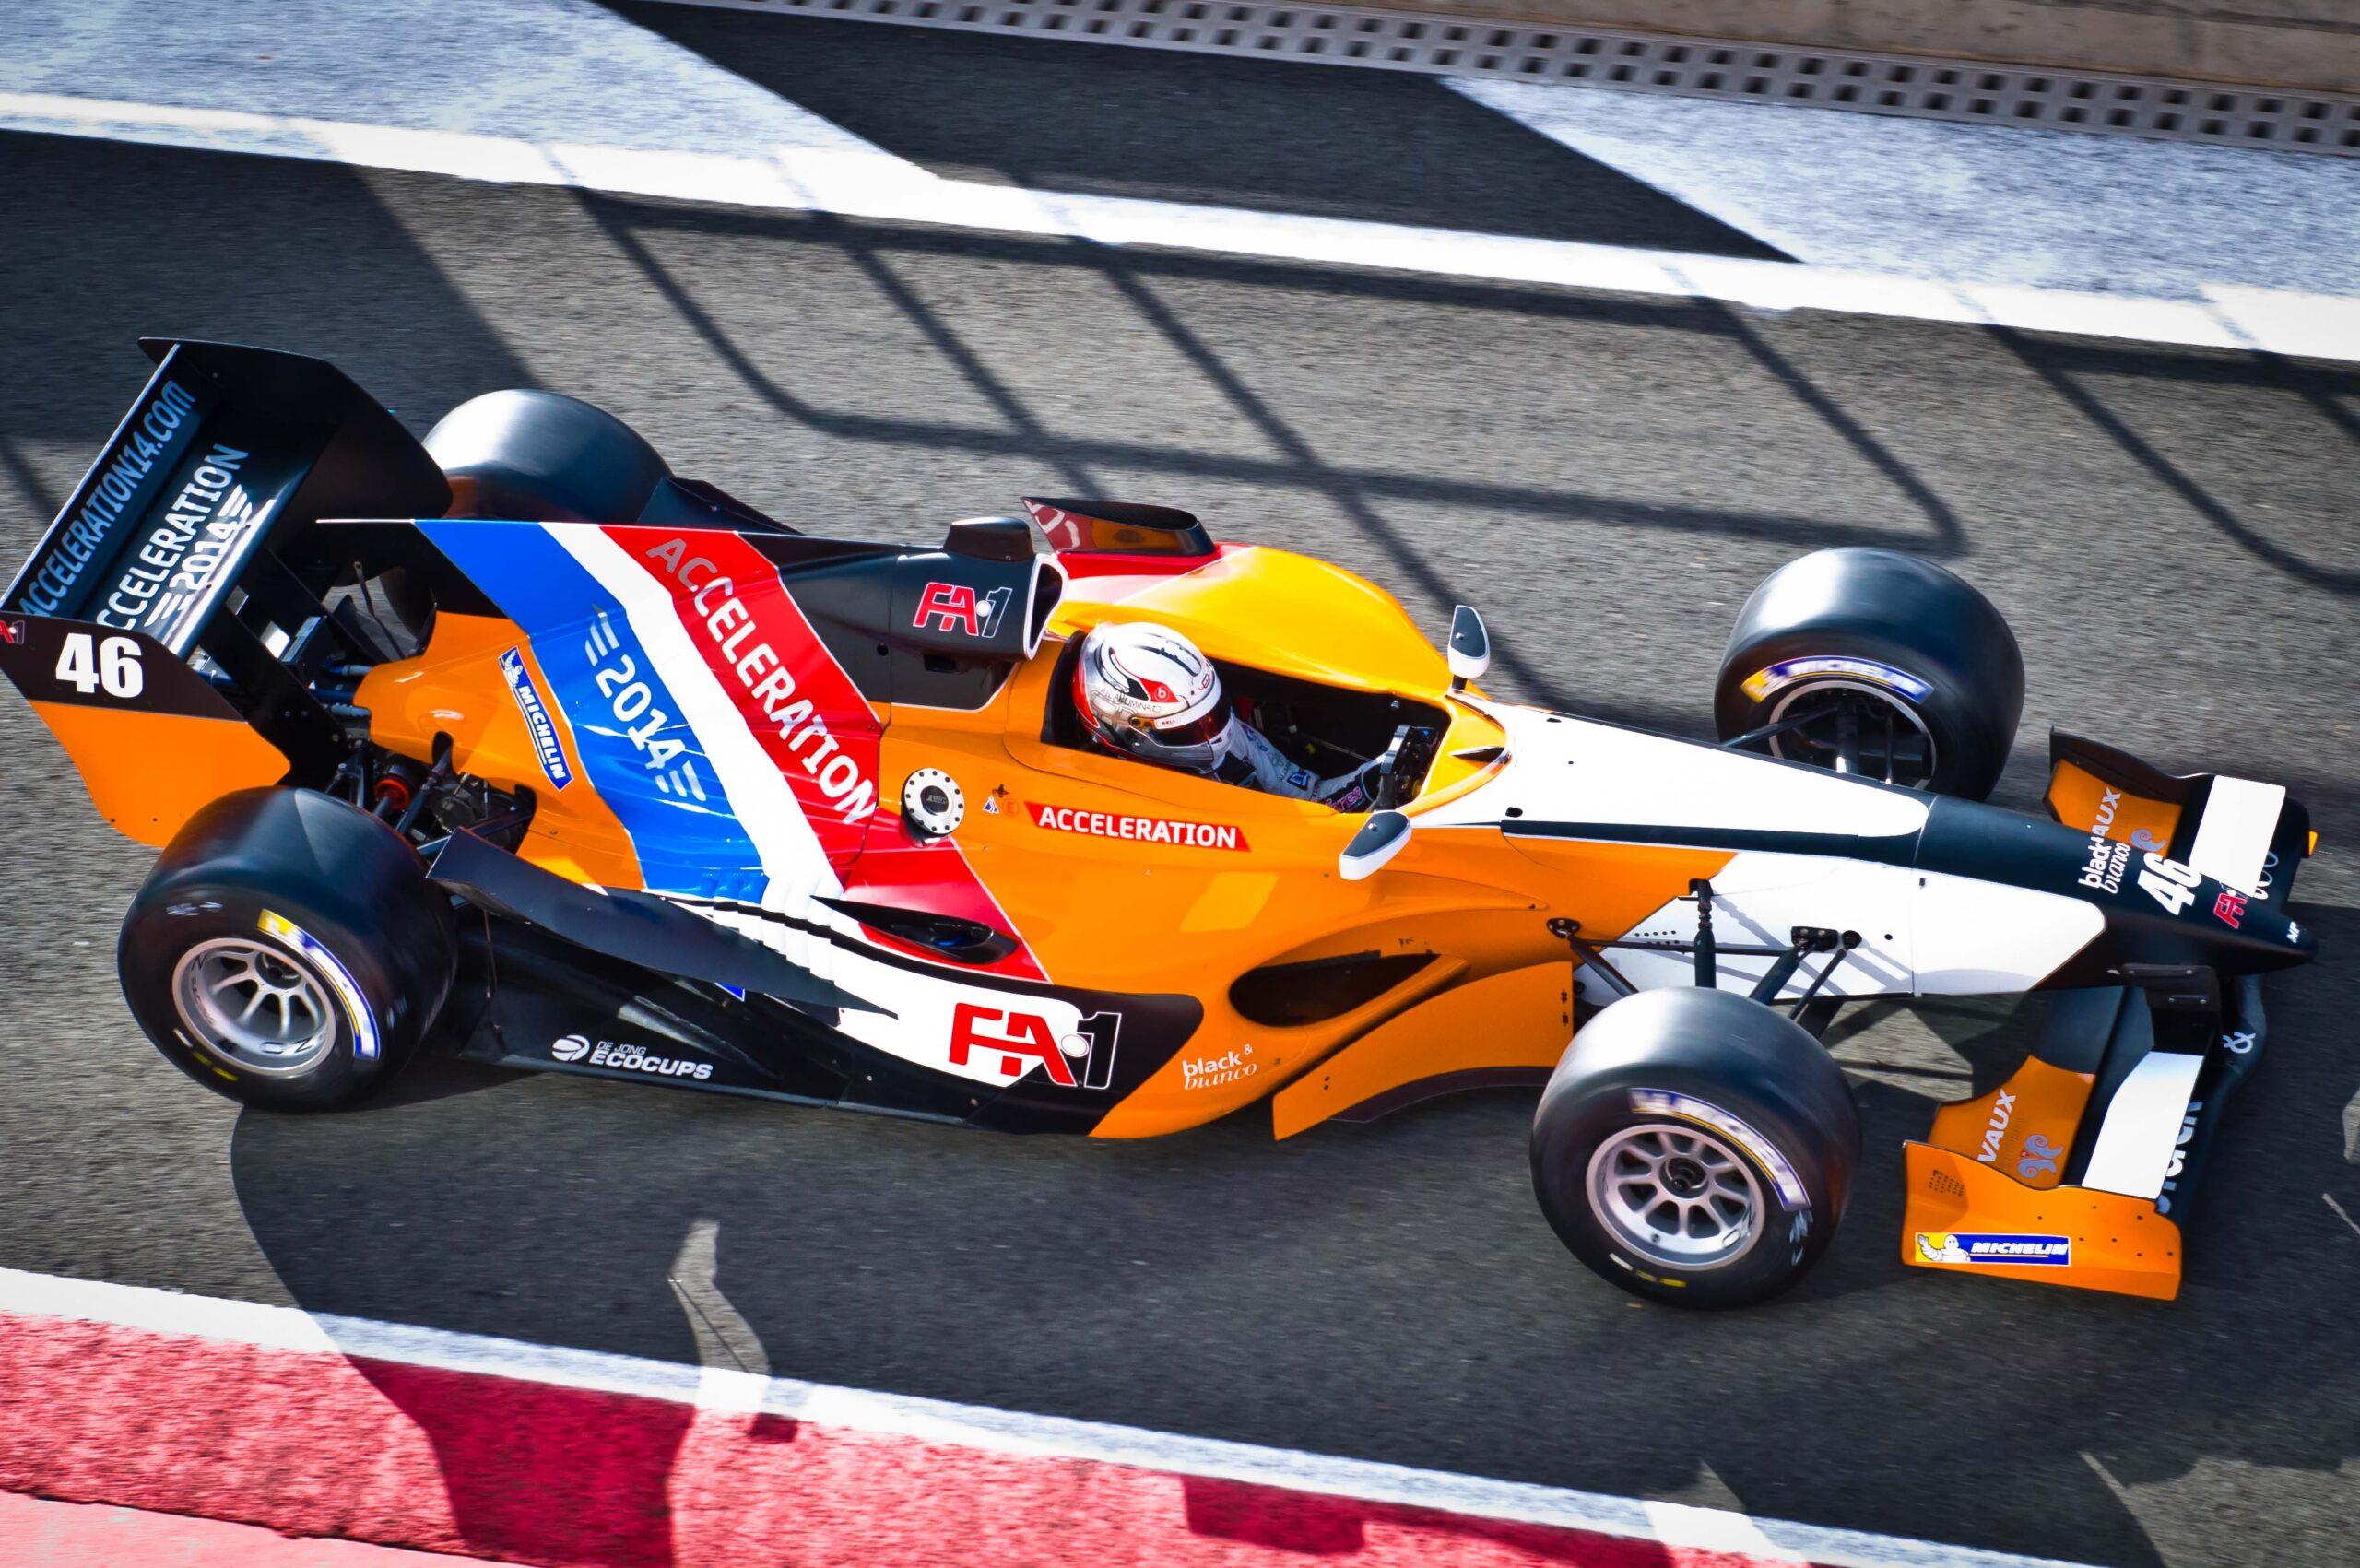 Acceleration 2014 FA1